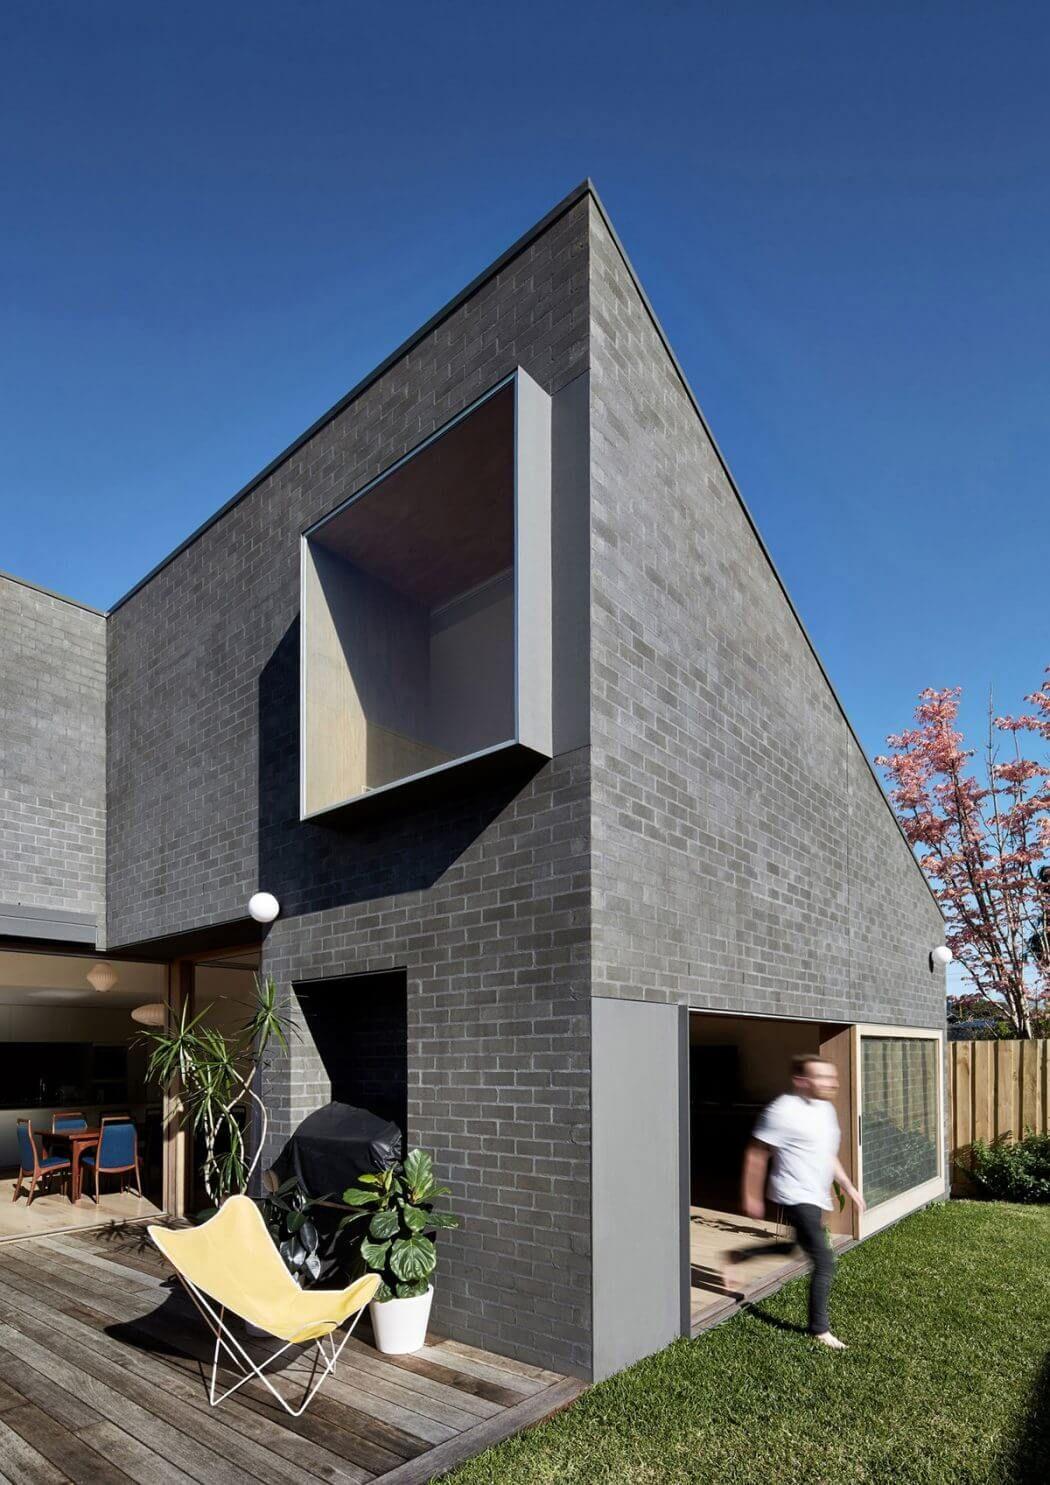 Australian architektur wohn architektur haus erweiterungen moderne häuser haus design ziegel victoria australien melbourne australien wohnungen